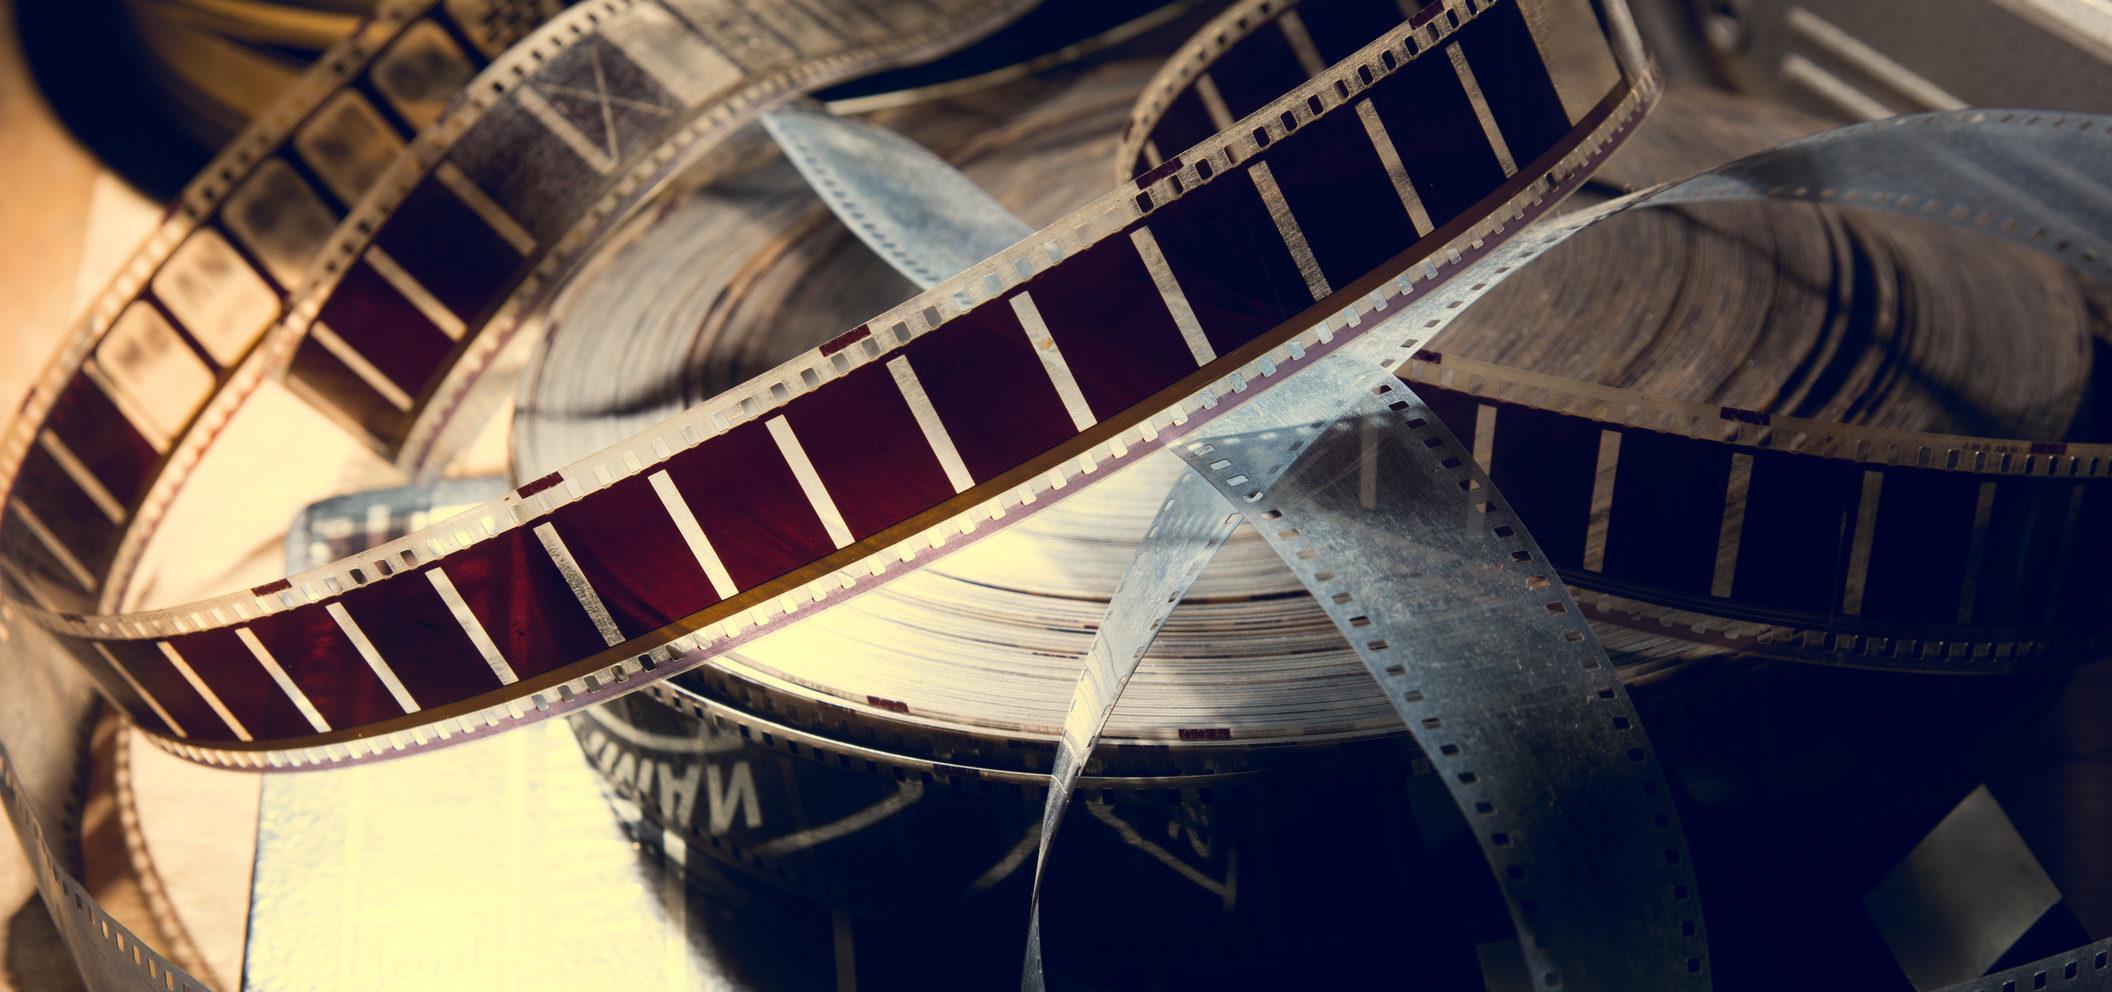 Festa do Cinema de regresso este mês: bilhetes a 2,50€ de 22 a 24 de outubro